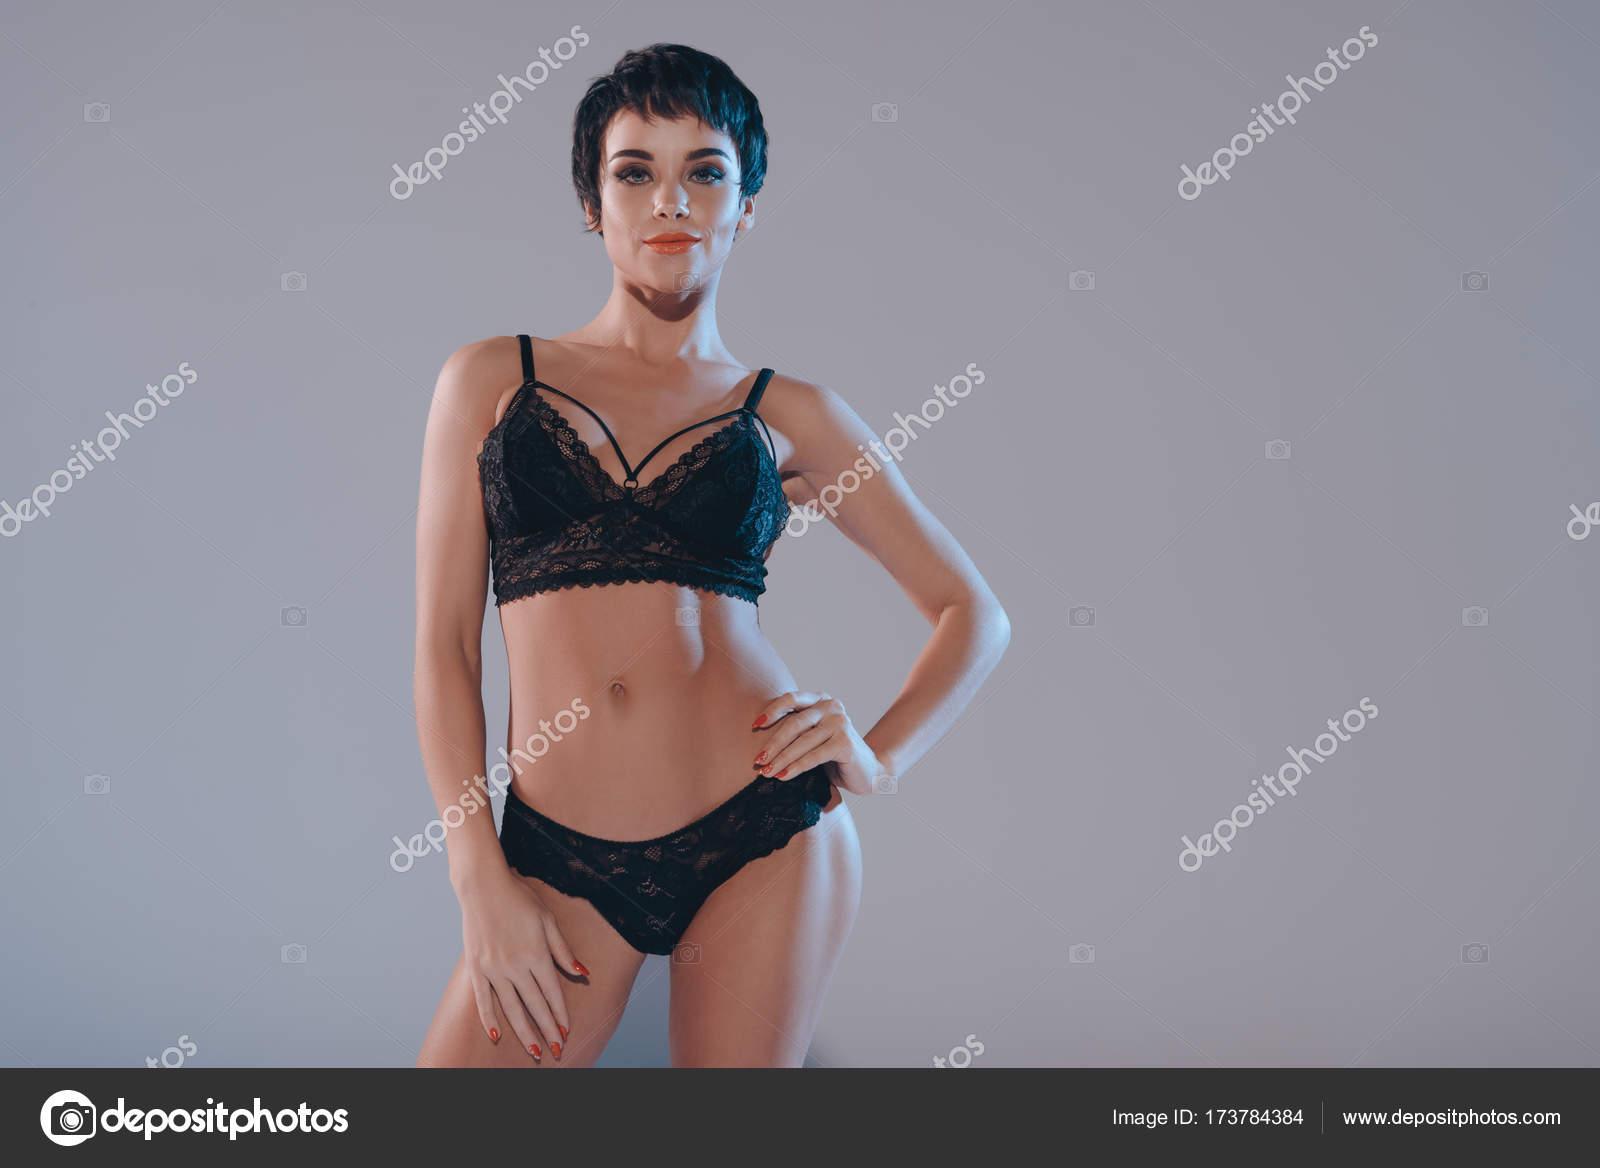 σέξι μαύρα κορίτσια φωτογραφίες